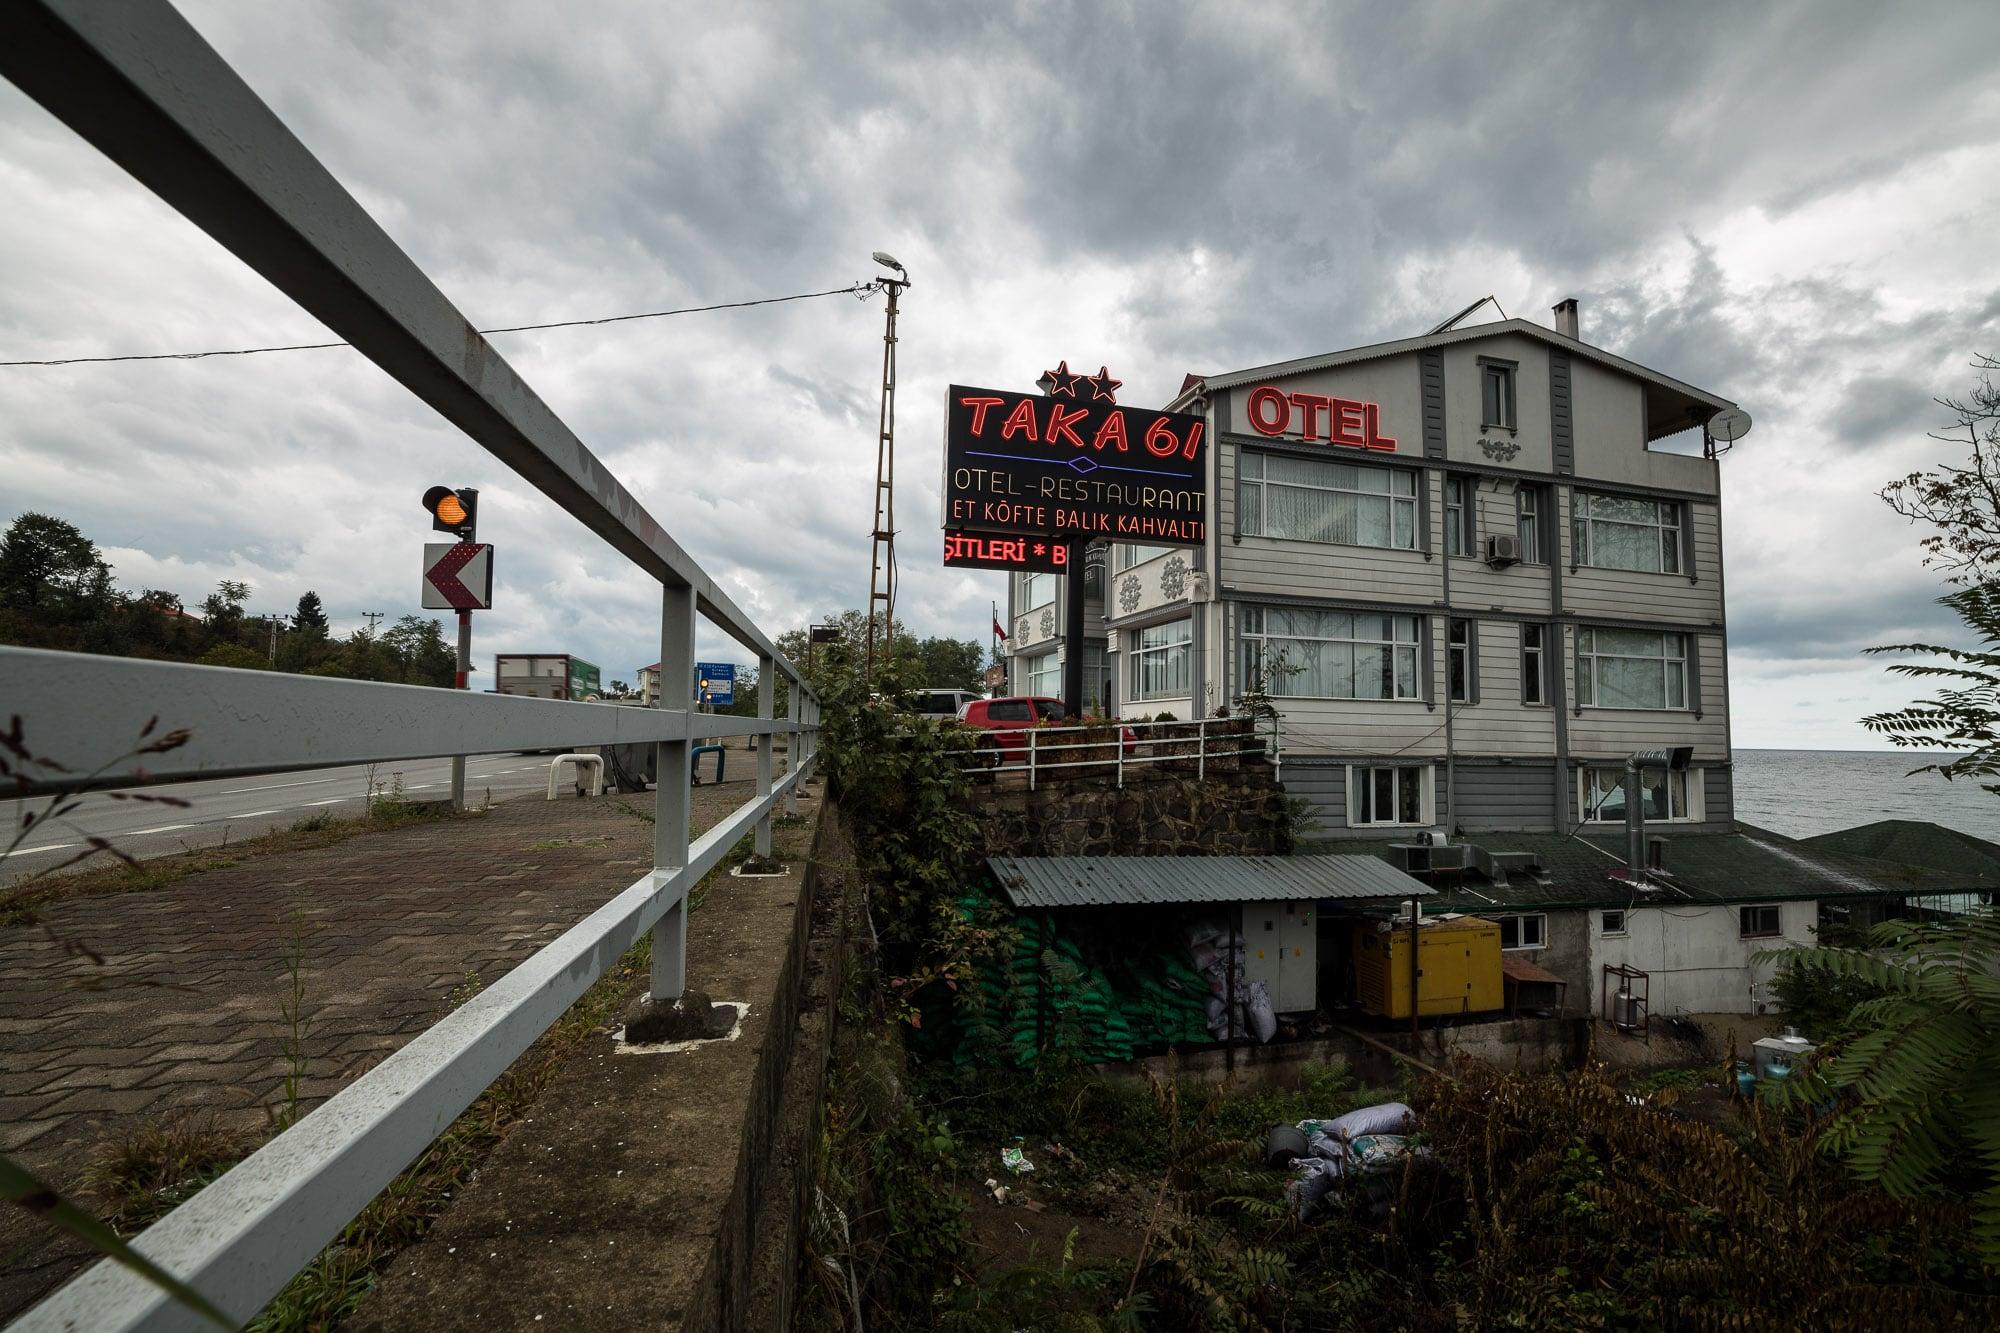 Taka61 hotel